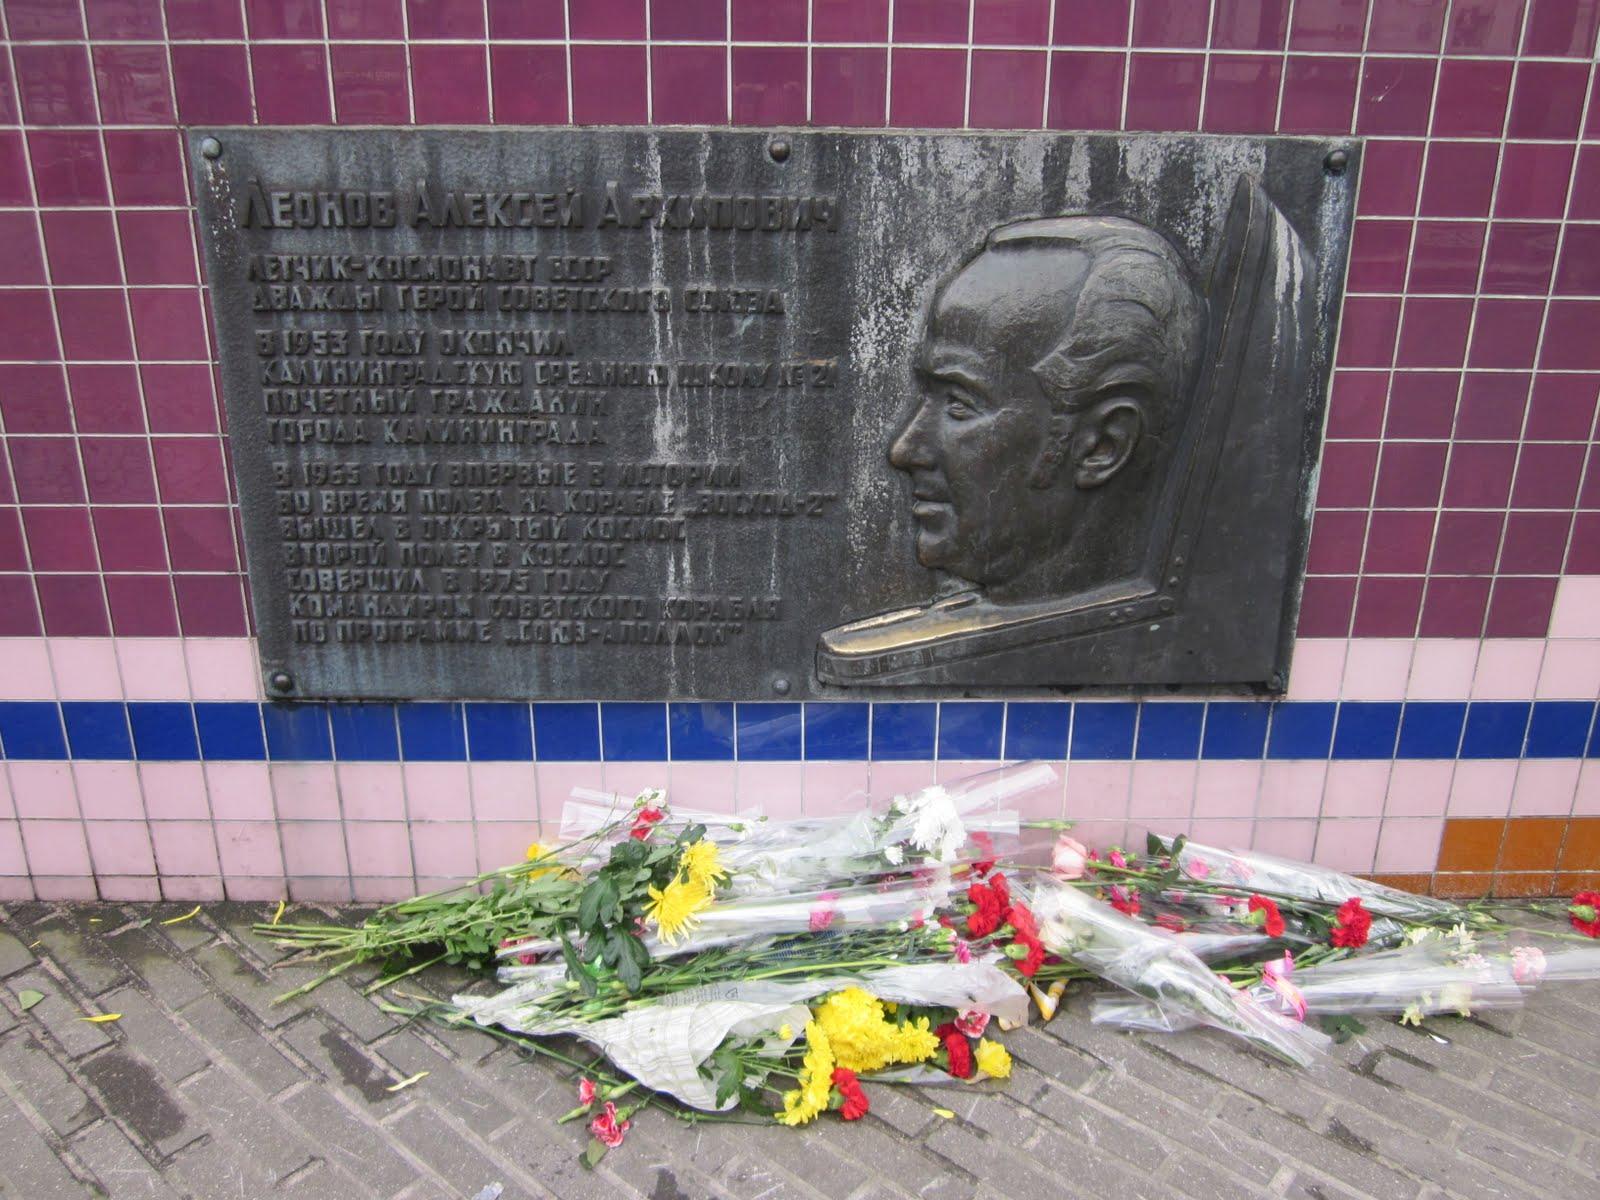 Soviet memorial dedicated to cosmonauts from kaliningrad - This Tree Was Planteded By The Twice Awarded Hero Of The Soviet Union Pilot Cosmonaut Yuri Romanenko